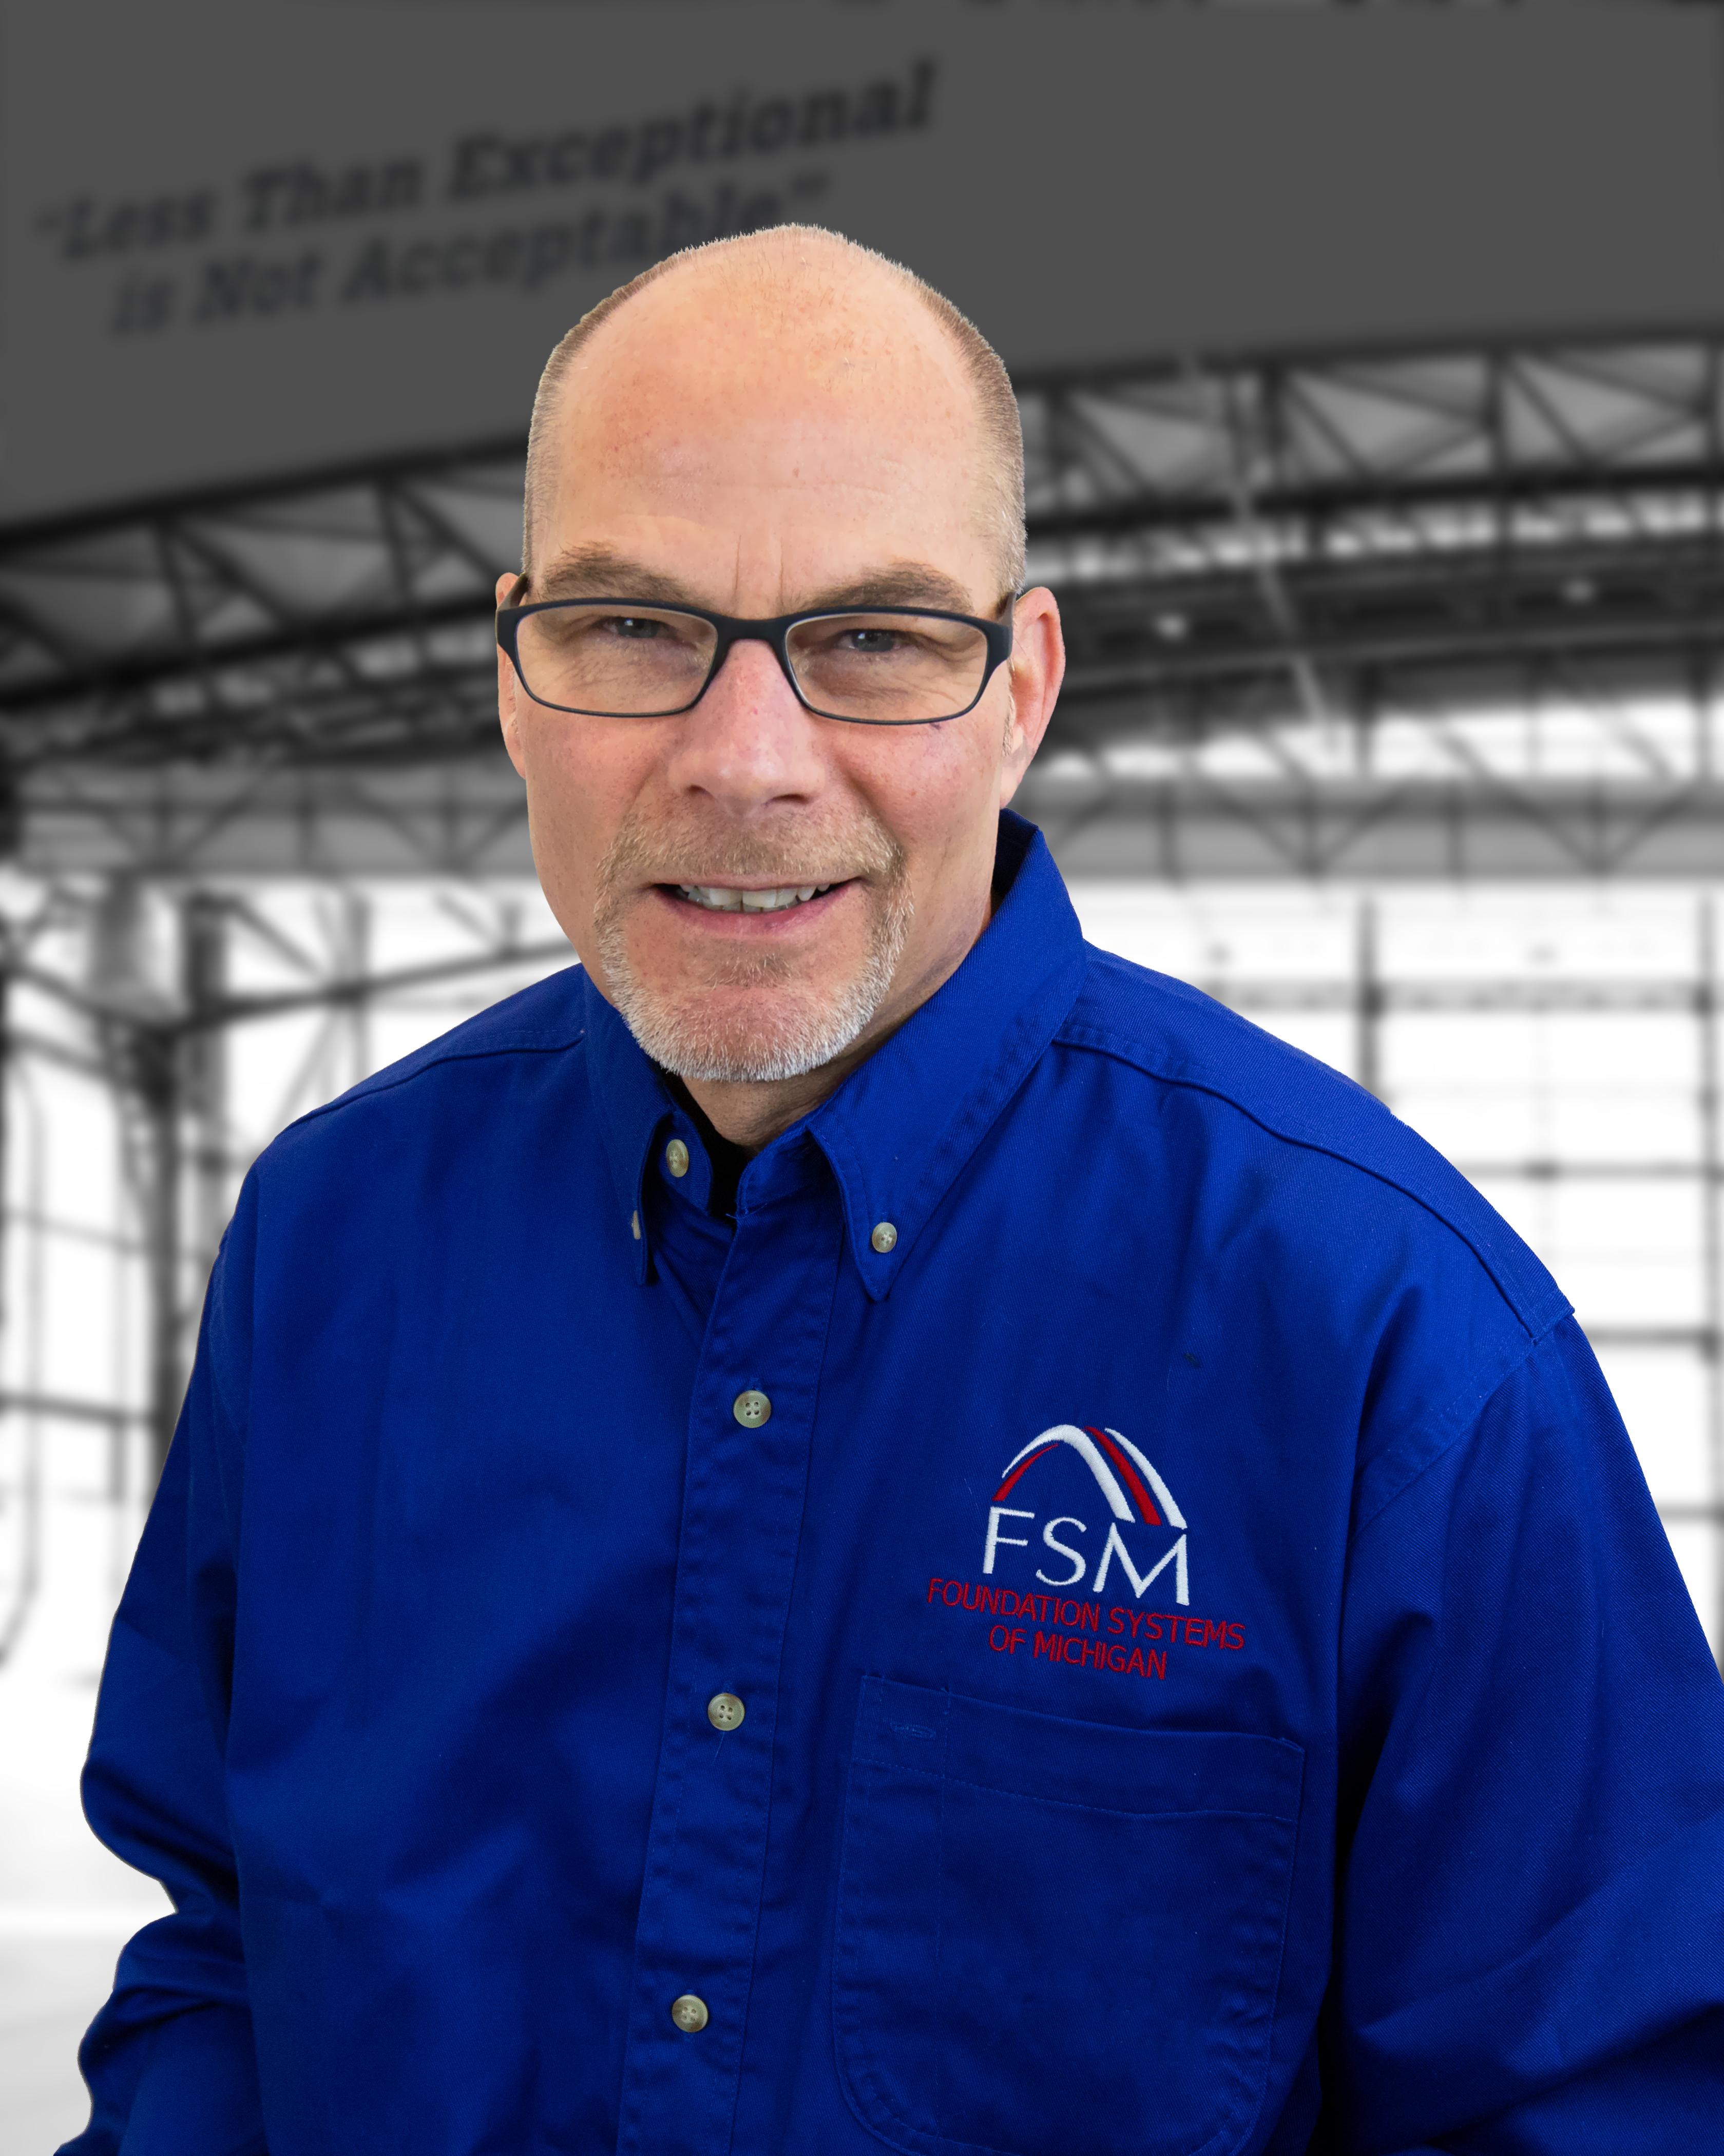 FSM Ken Schmenk Inspector